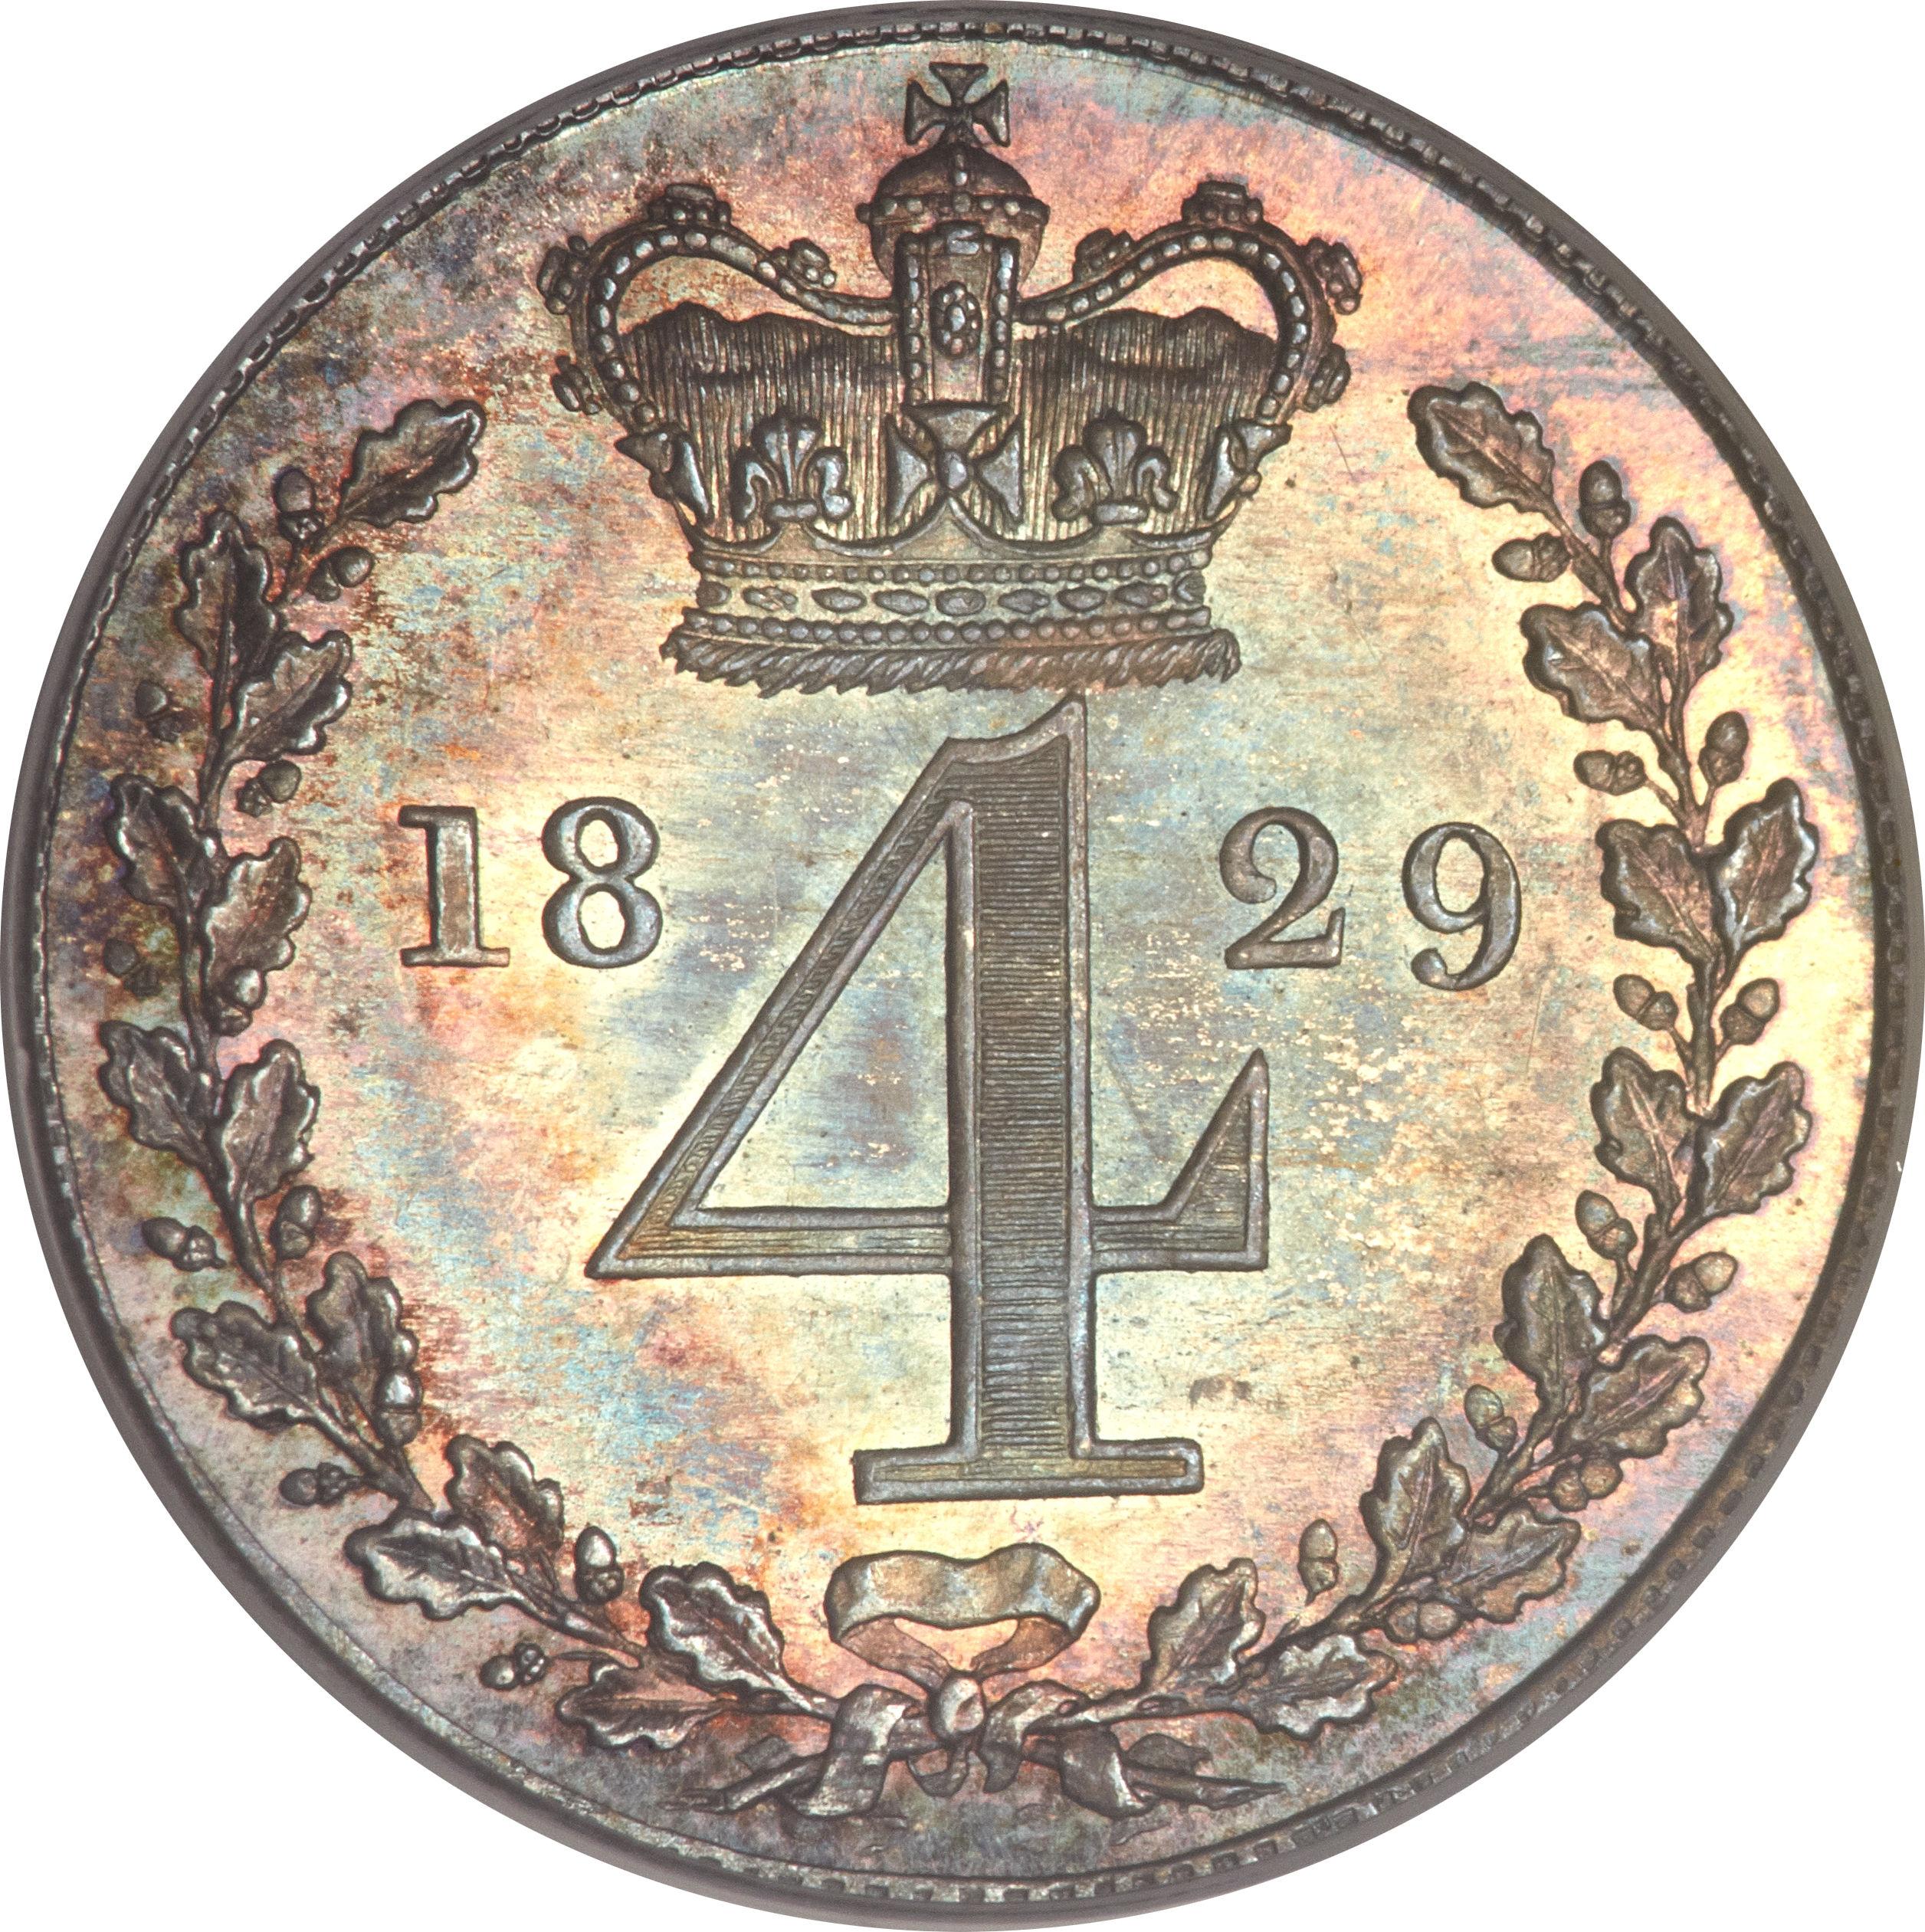 4 Pence - George IV